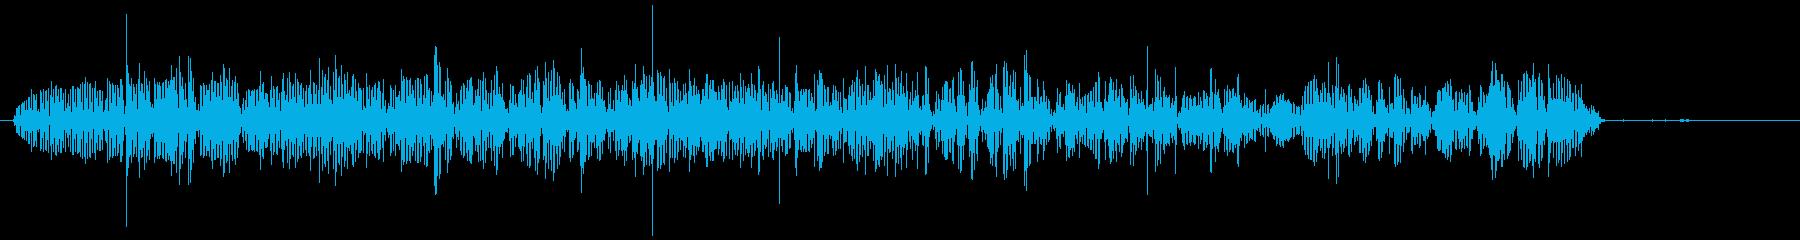 ガーグル:食べる、飲む、むしゃむしゃの再生済みの波形